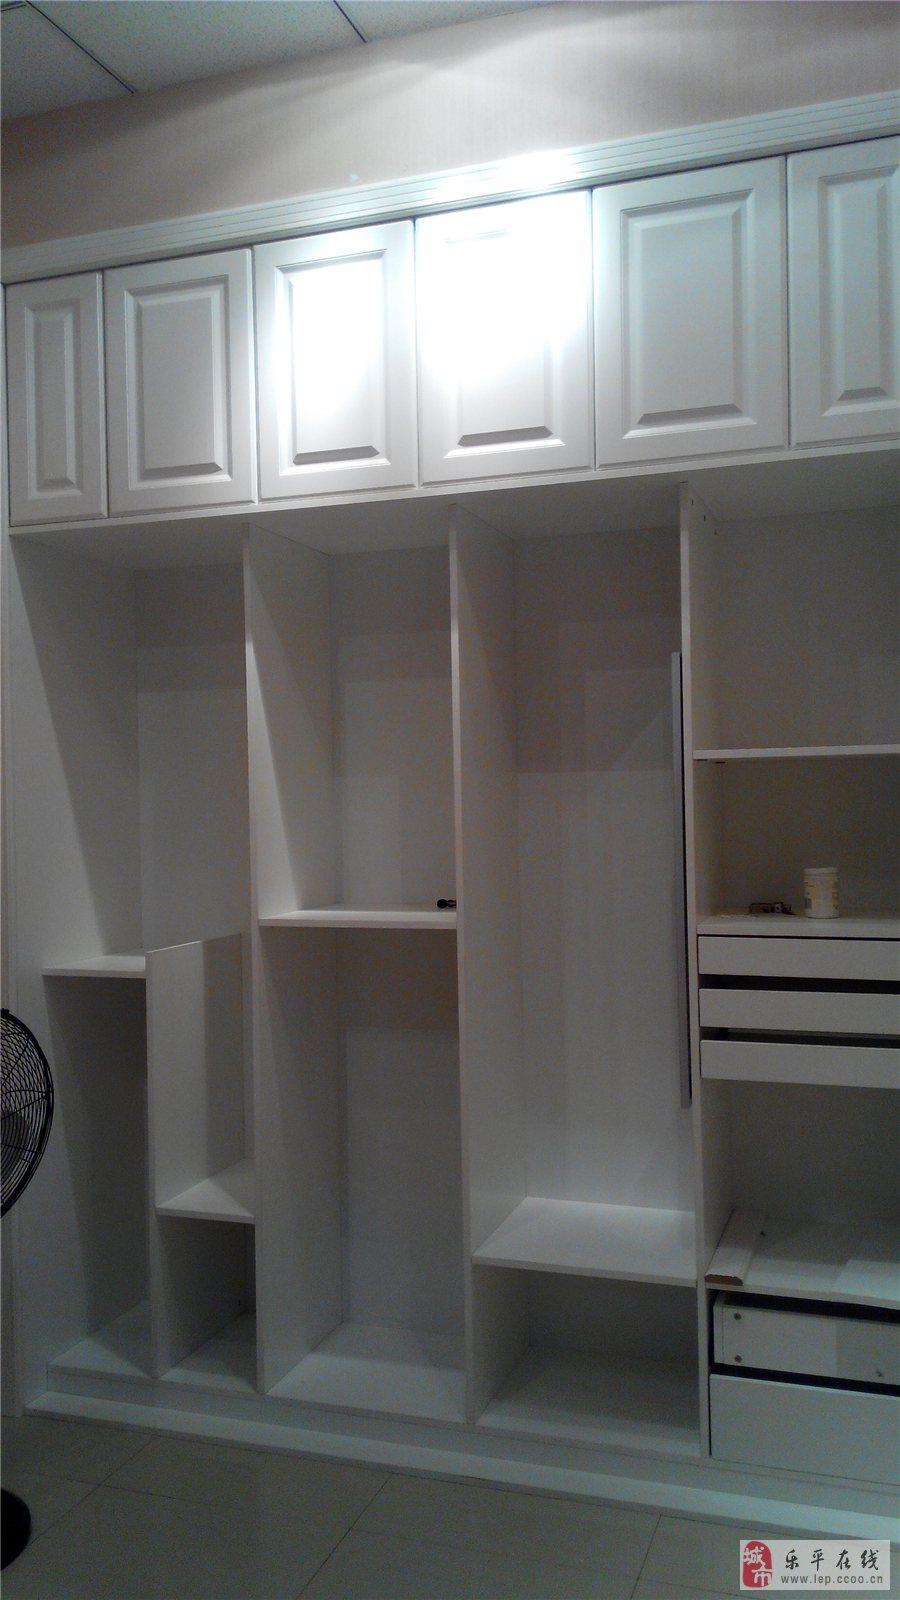 也有烤漆,模压类,橱柜衣柜隔断柜,电视鞋柜衣帽间,有我们在,木工清闲